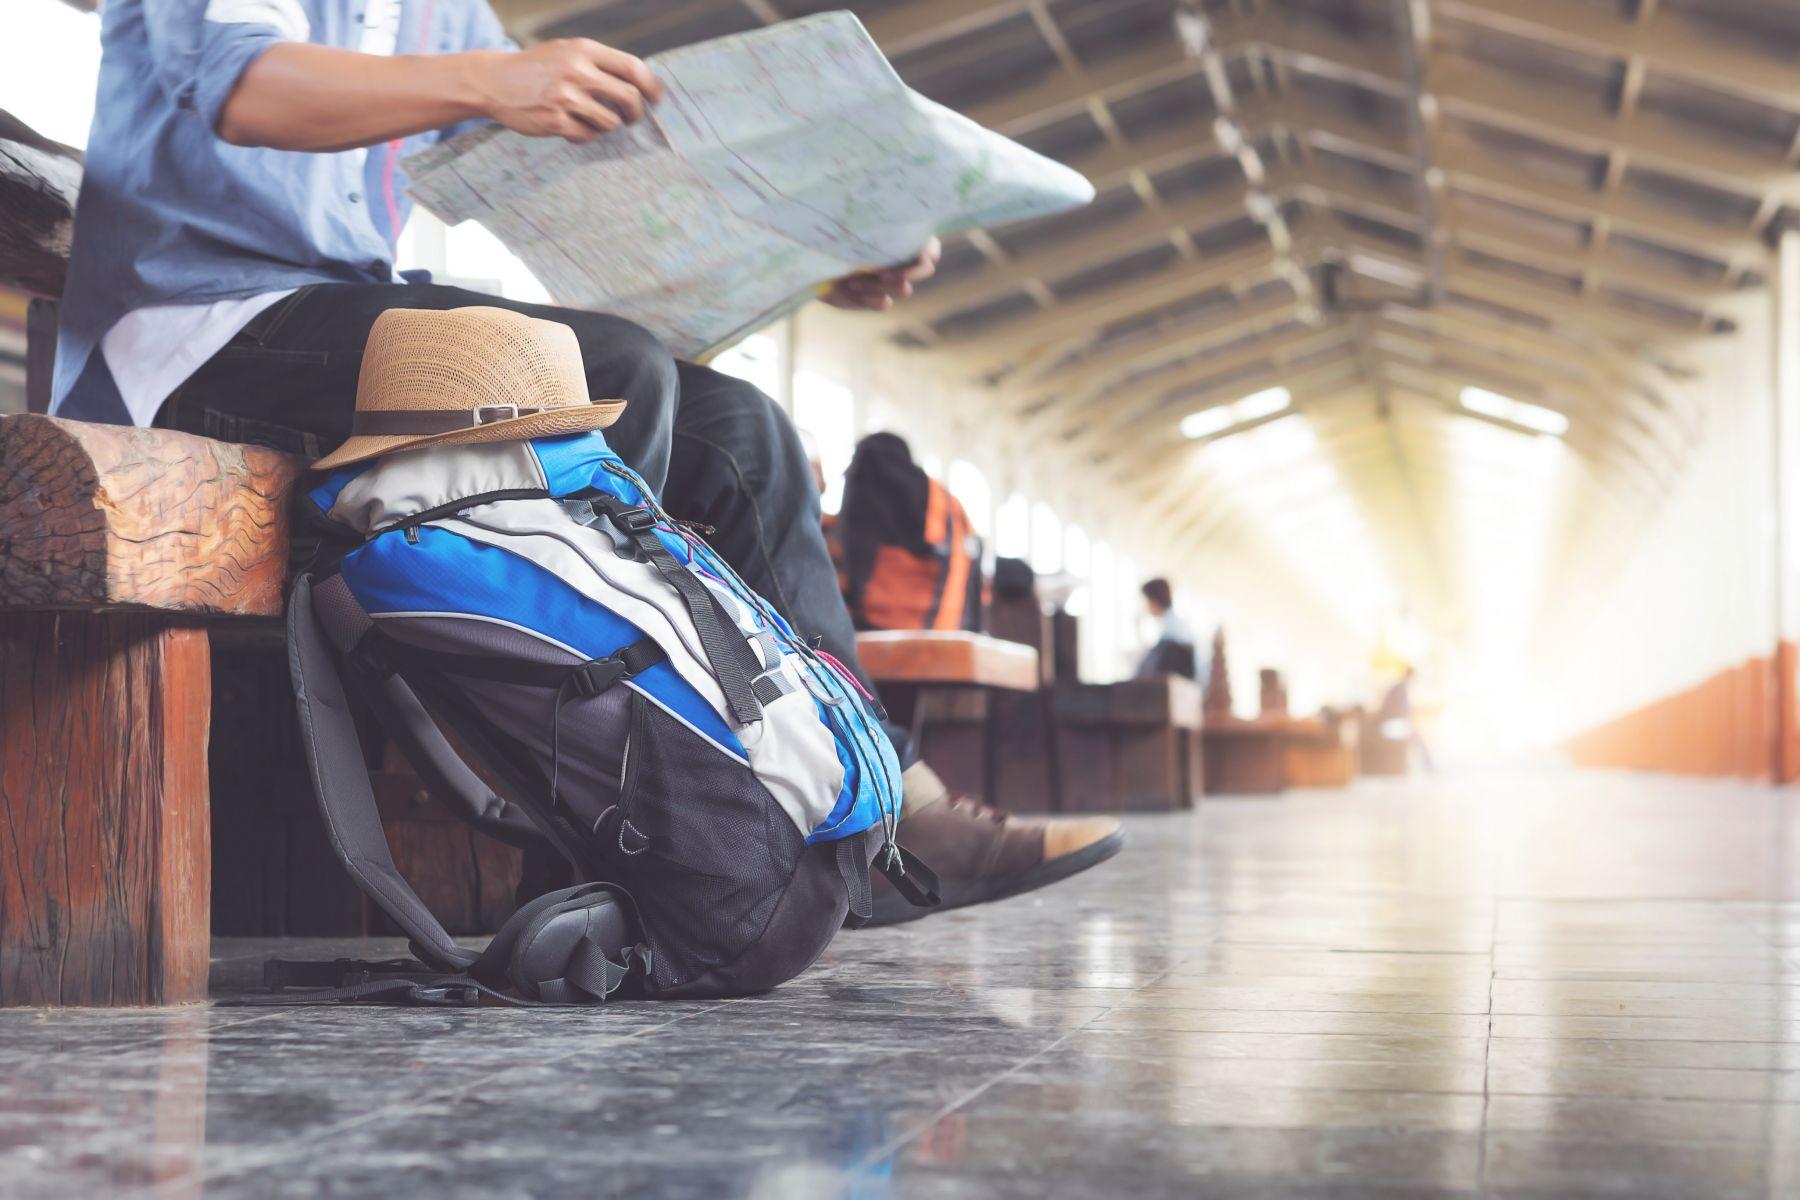 自助優於跟團?一個人遊樂、旅行可預防失智症